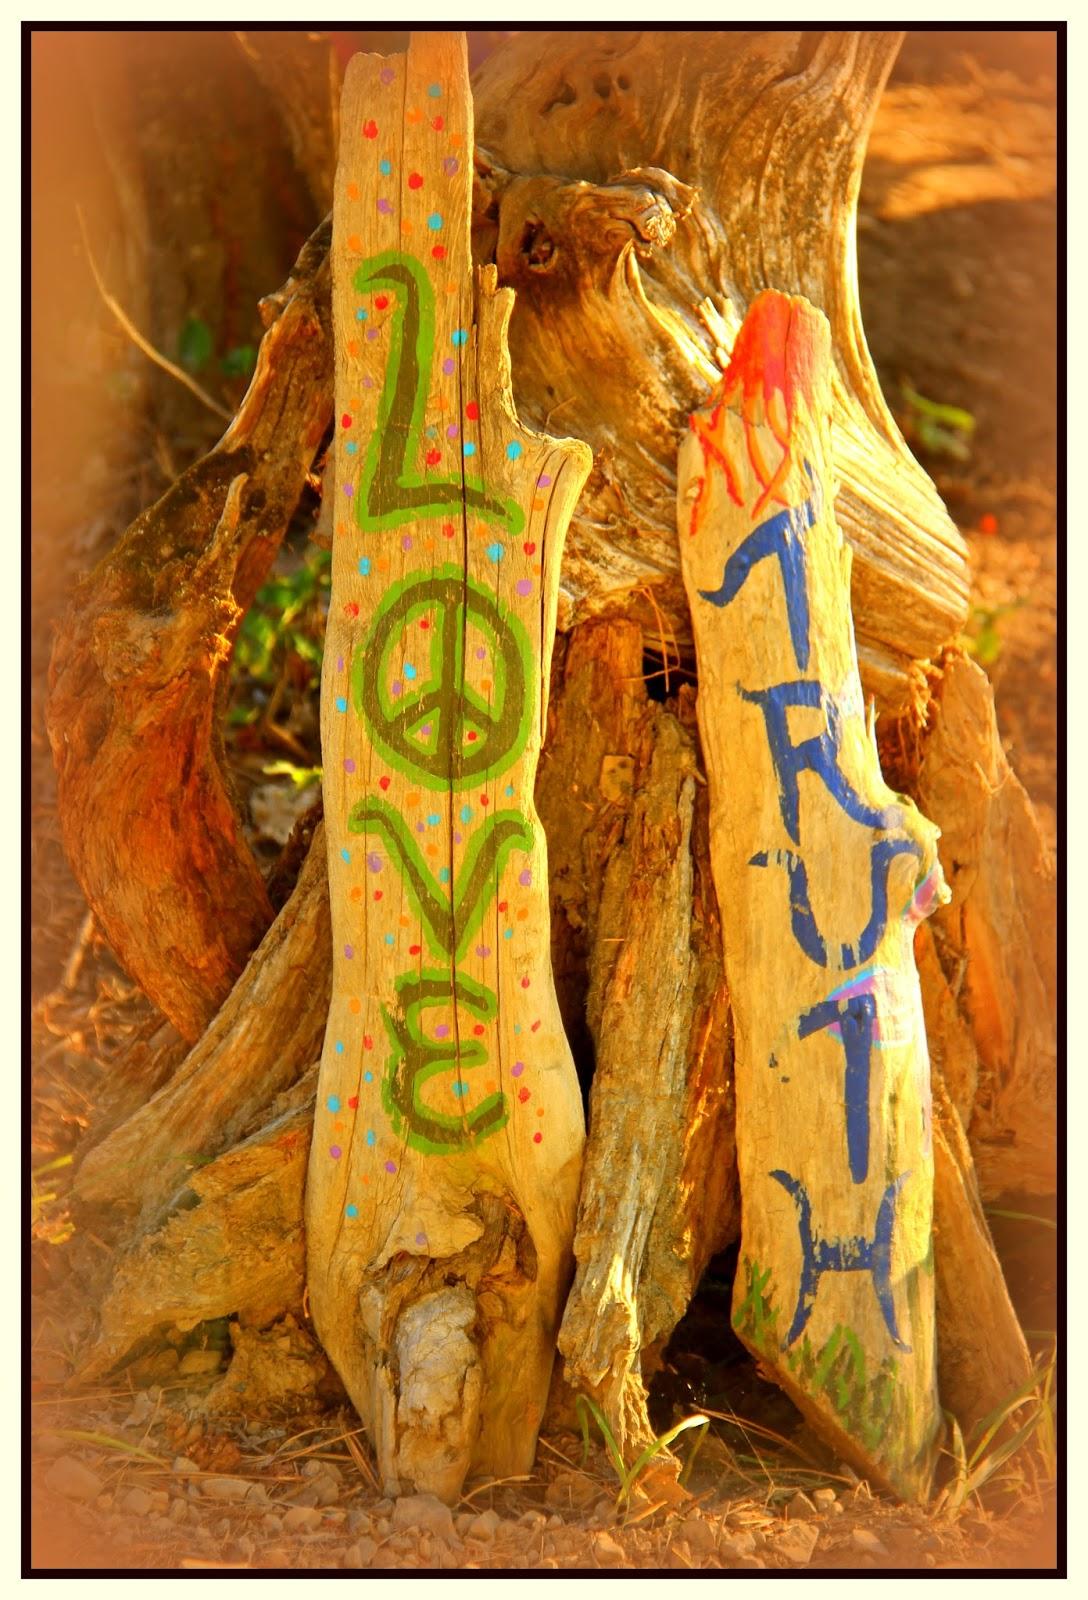 посмотреть картинки про любовь - Красивые картинки про Любовь (53 Картинки) Great.az